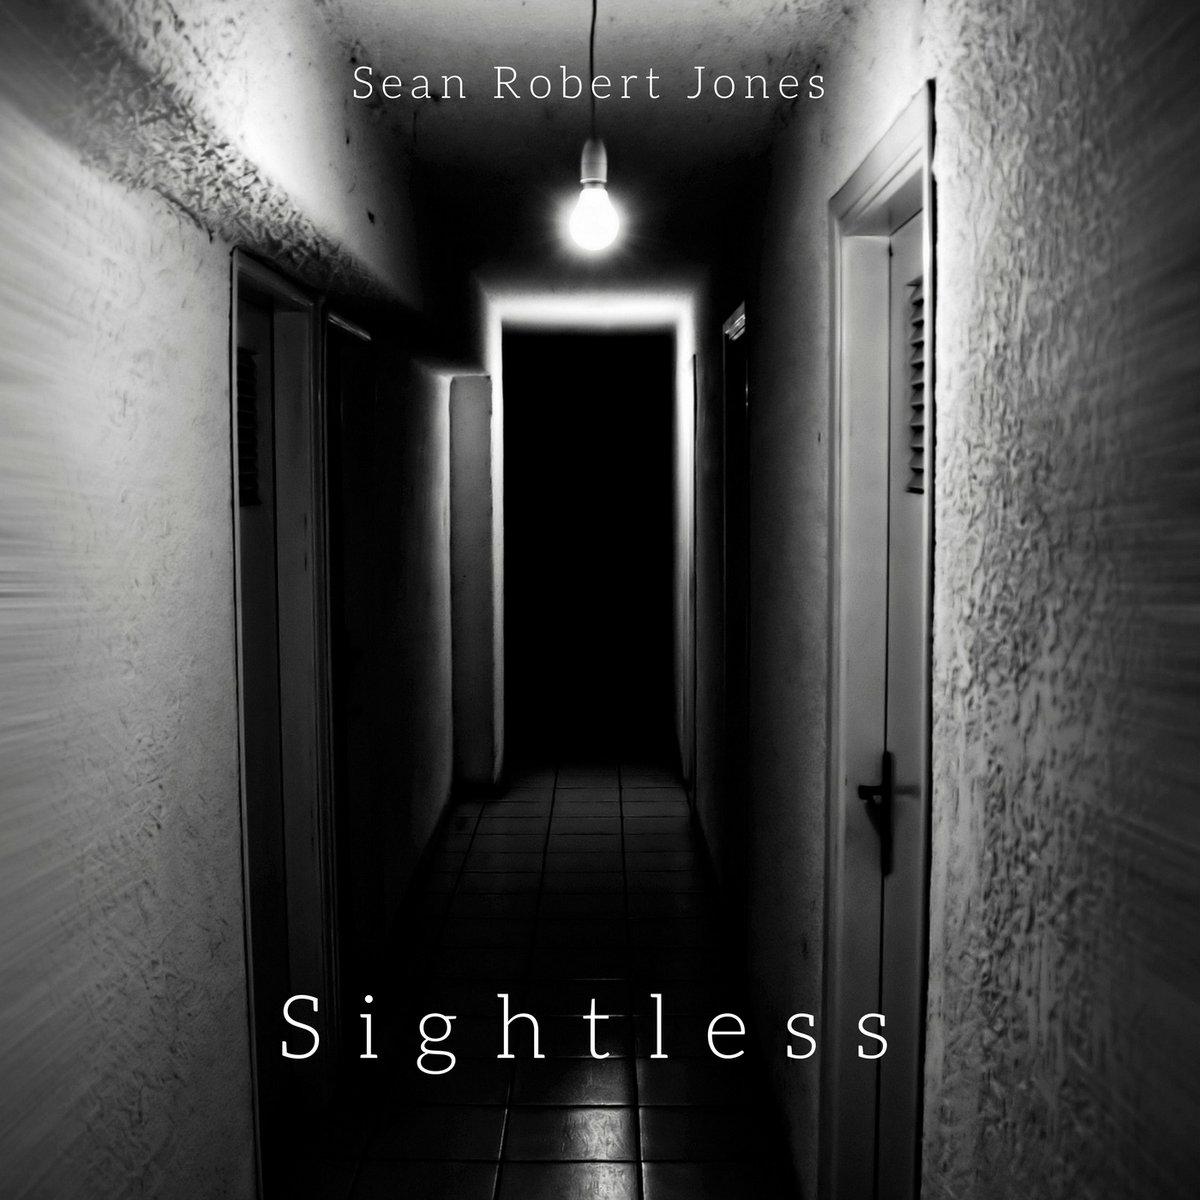 Released: August 19th, 2017 Genres: Indie folk, Singer songwriter